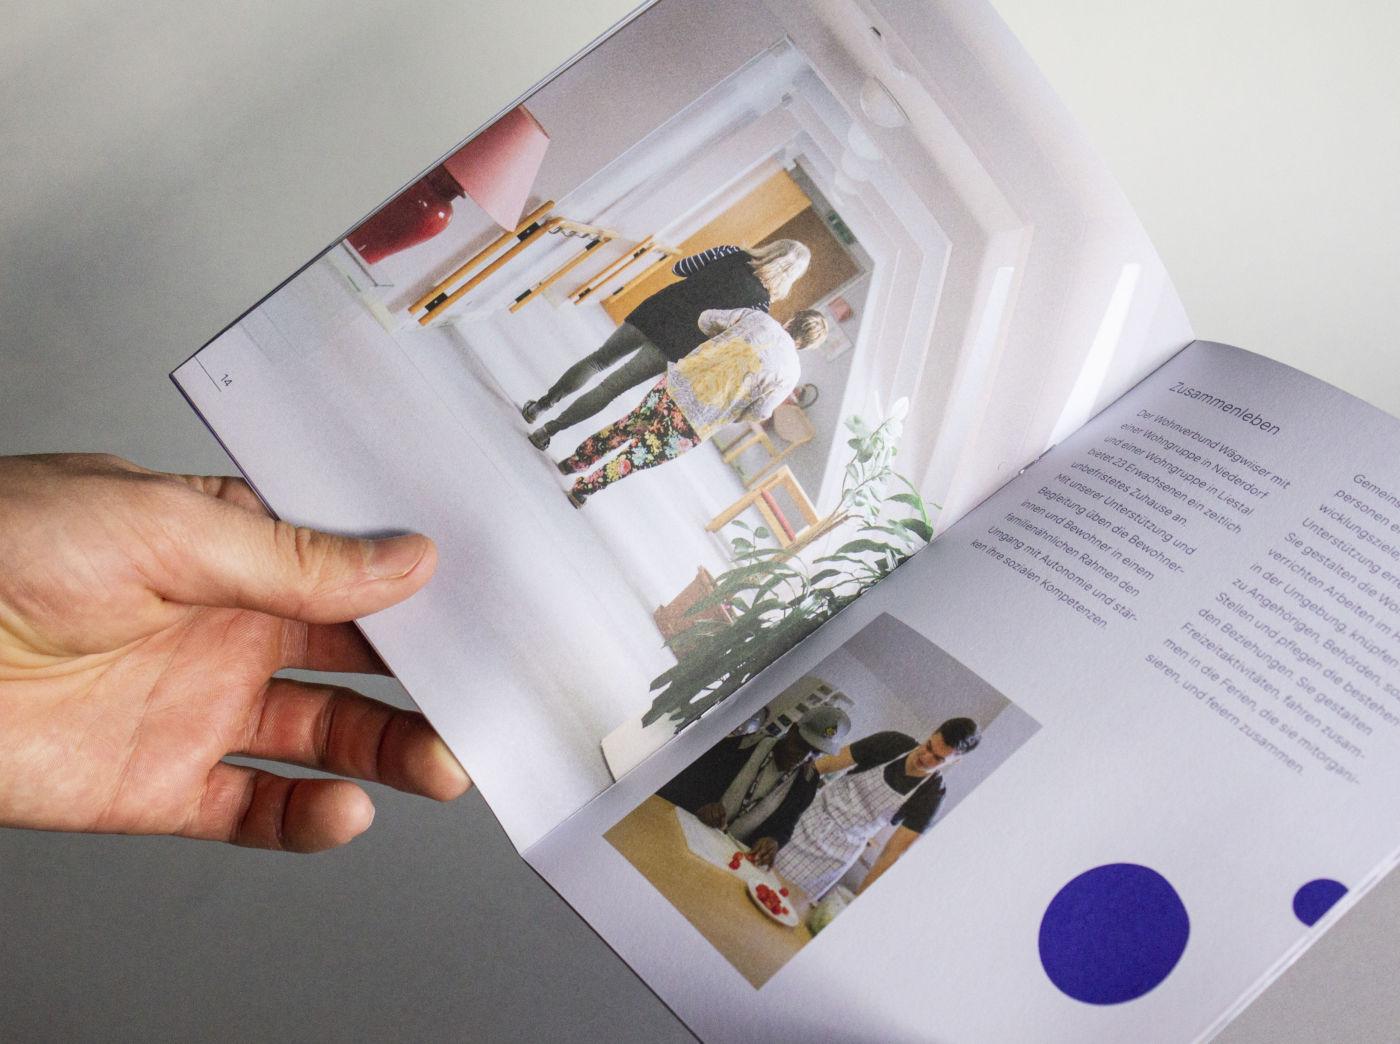 Neue Image-Broschüren | Aktuelles von inclusioplus · Arbeiten und Wohnen mitten in der Gesellschaft